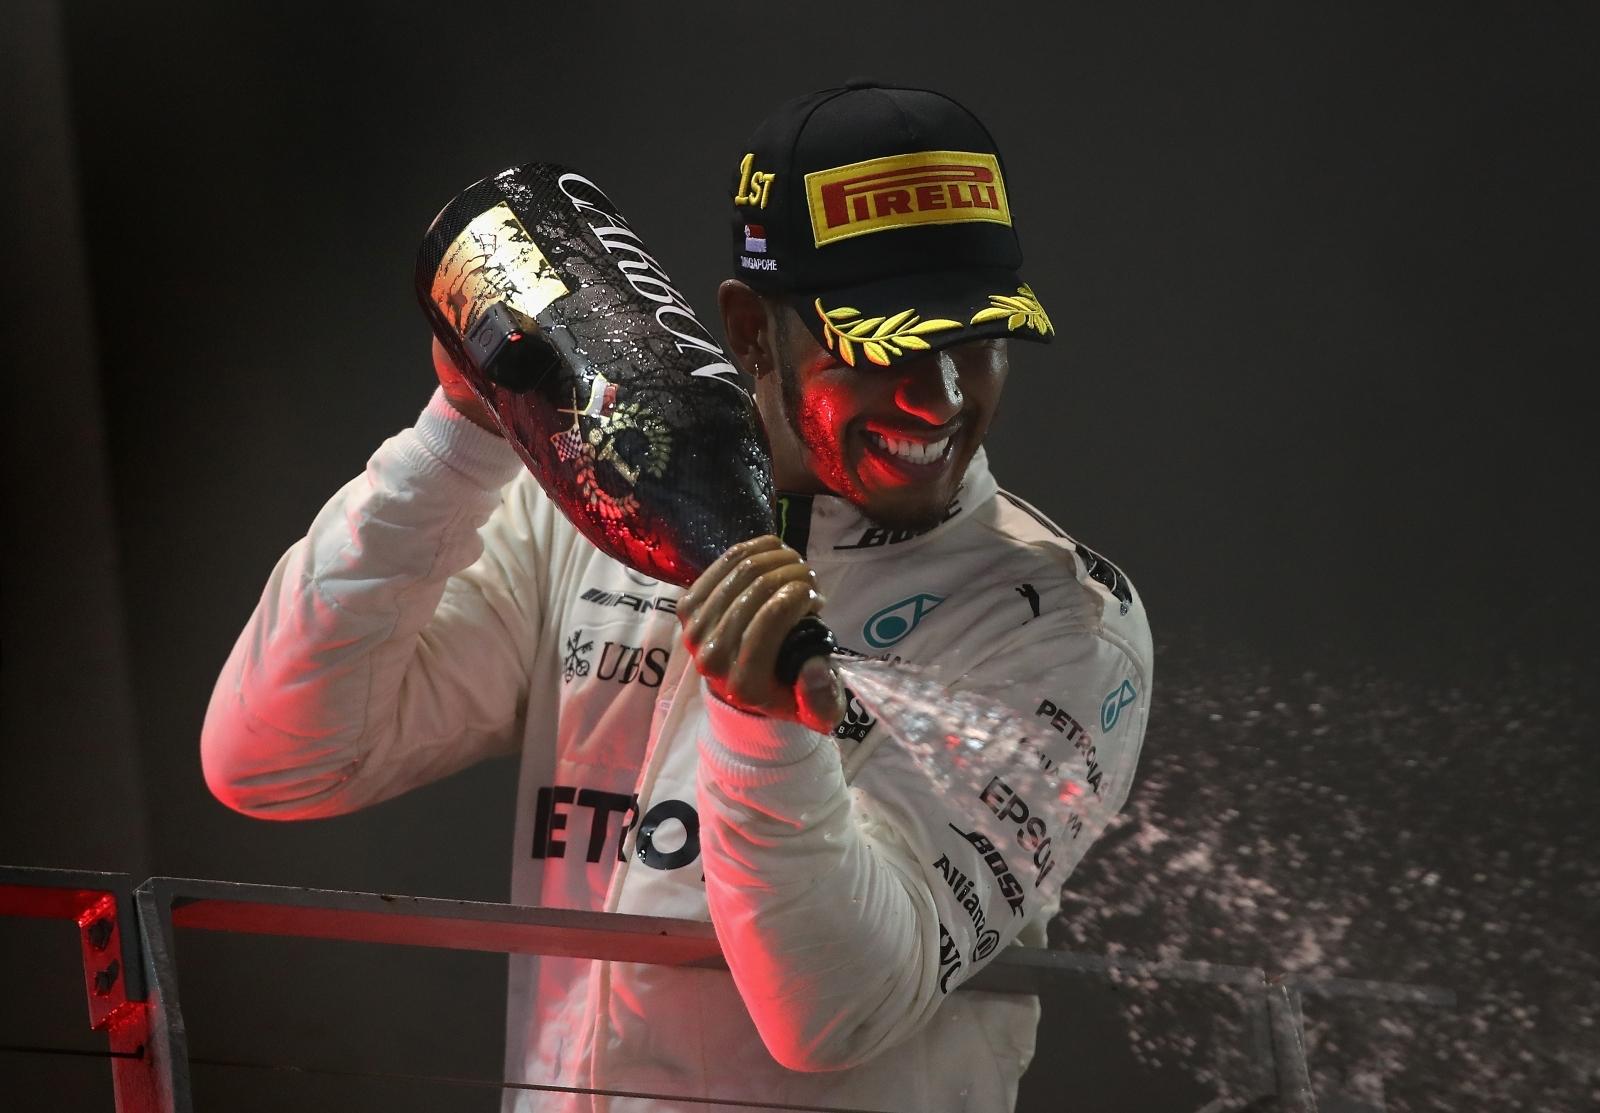 Lewis Hamilton capitalises on Ferrari disaster in Singapore